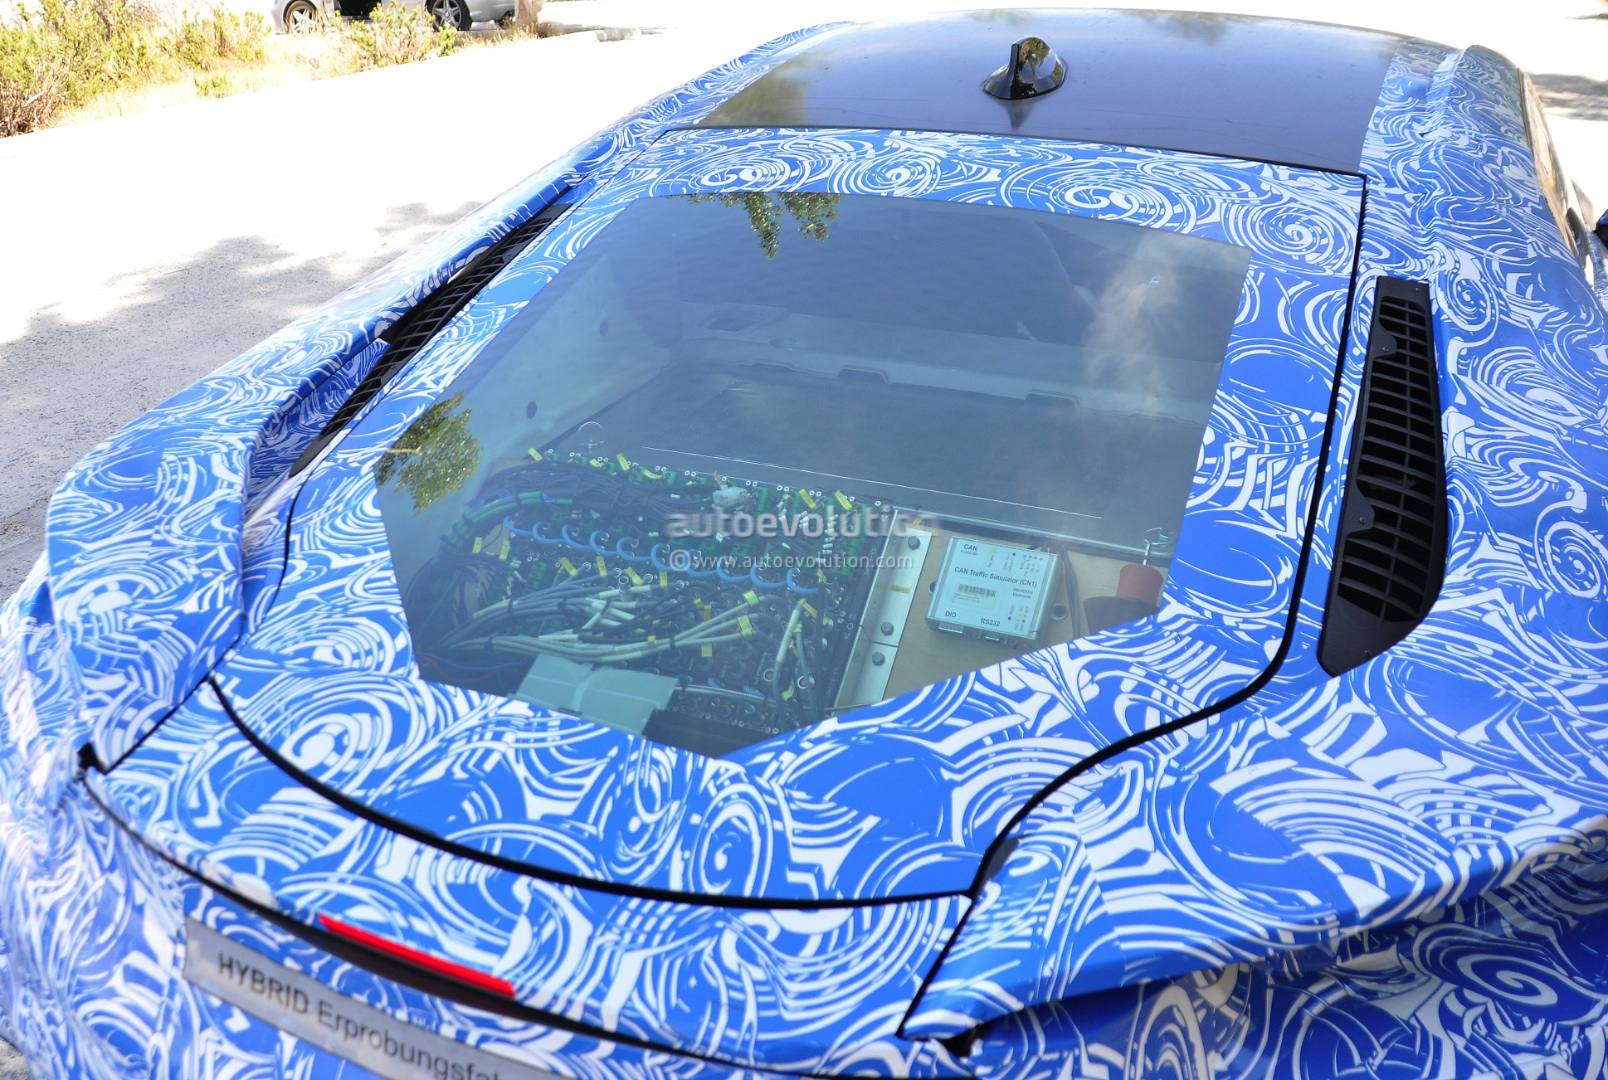 spyshots-bmw-i8-interior-revealed_11.jpg